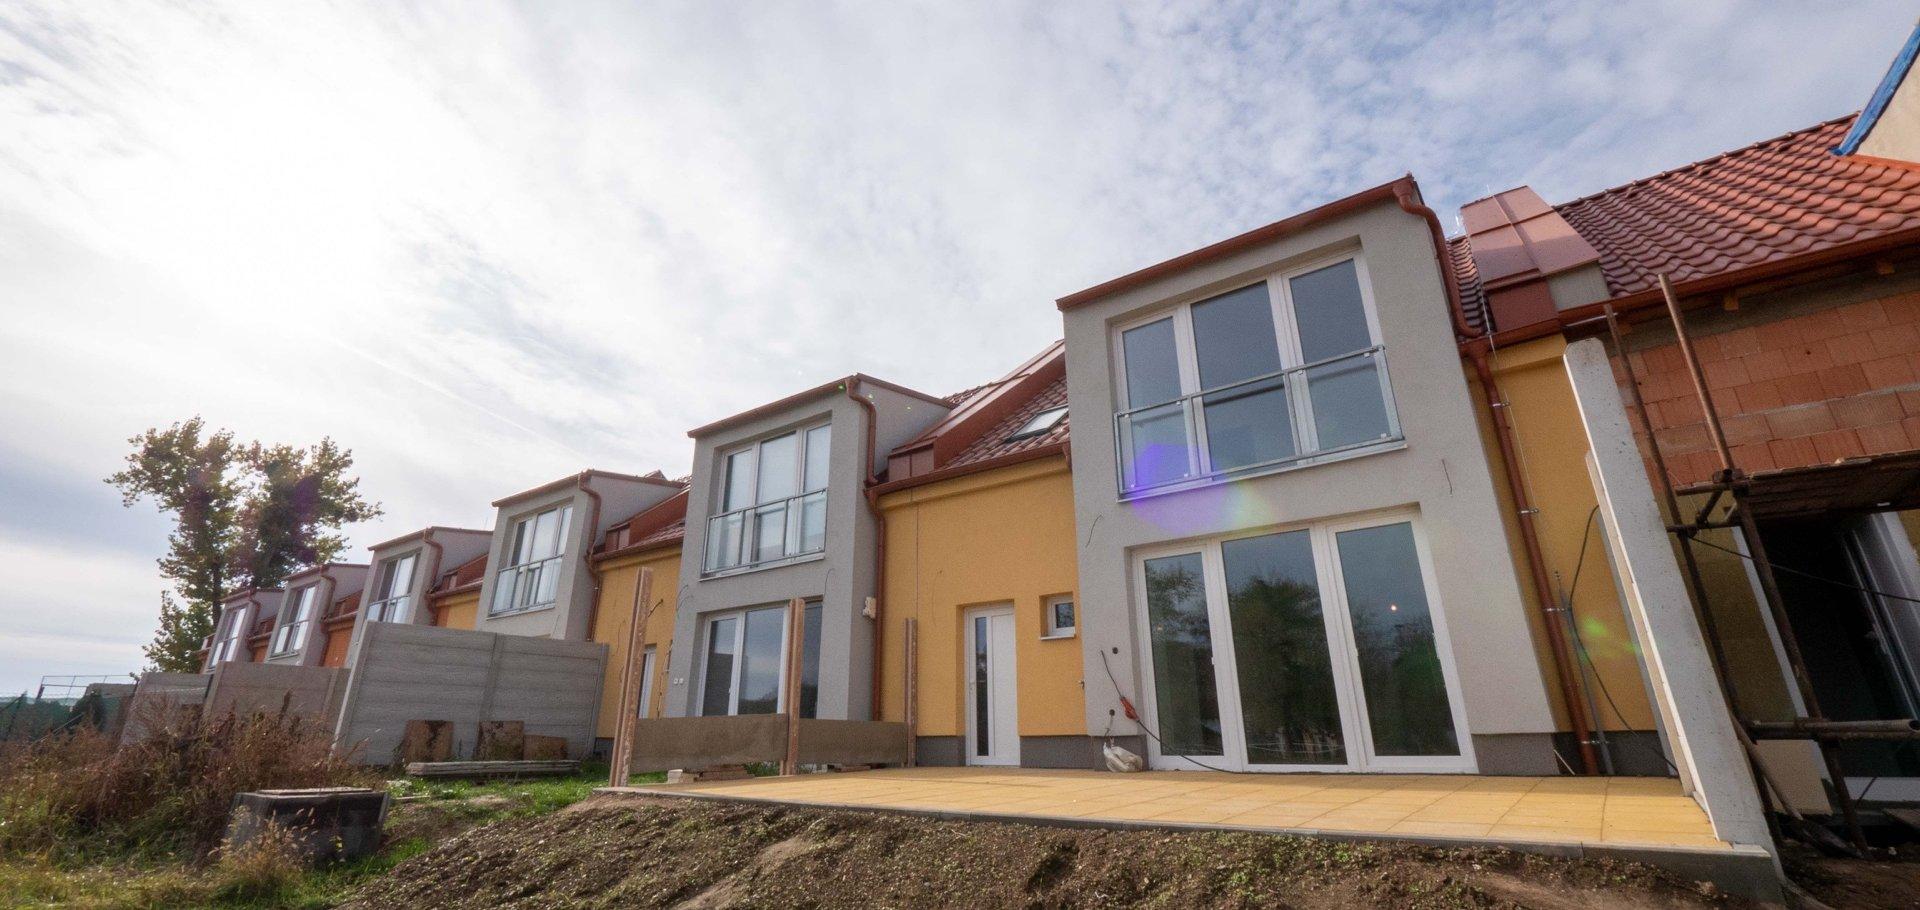 Novostavba rodinného domu 5+kk, 125m2, pozemek 777m2, Velký Dvůr u Pohořelic